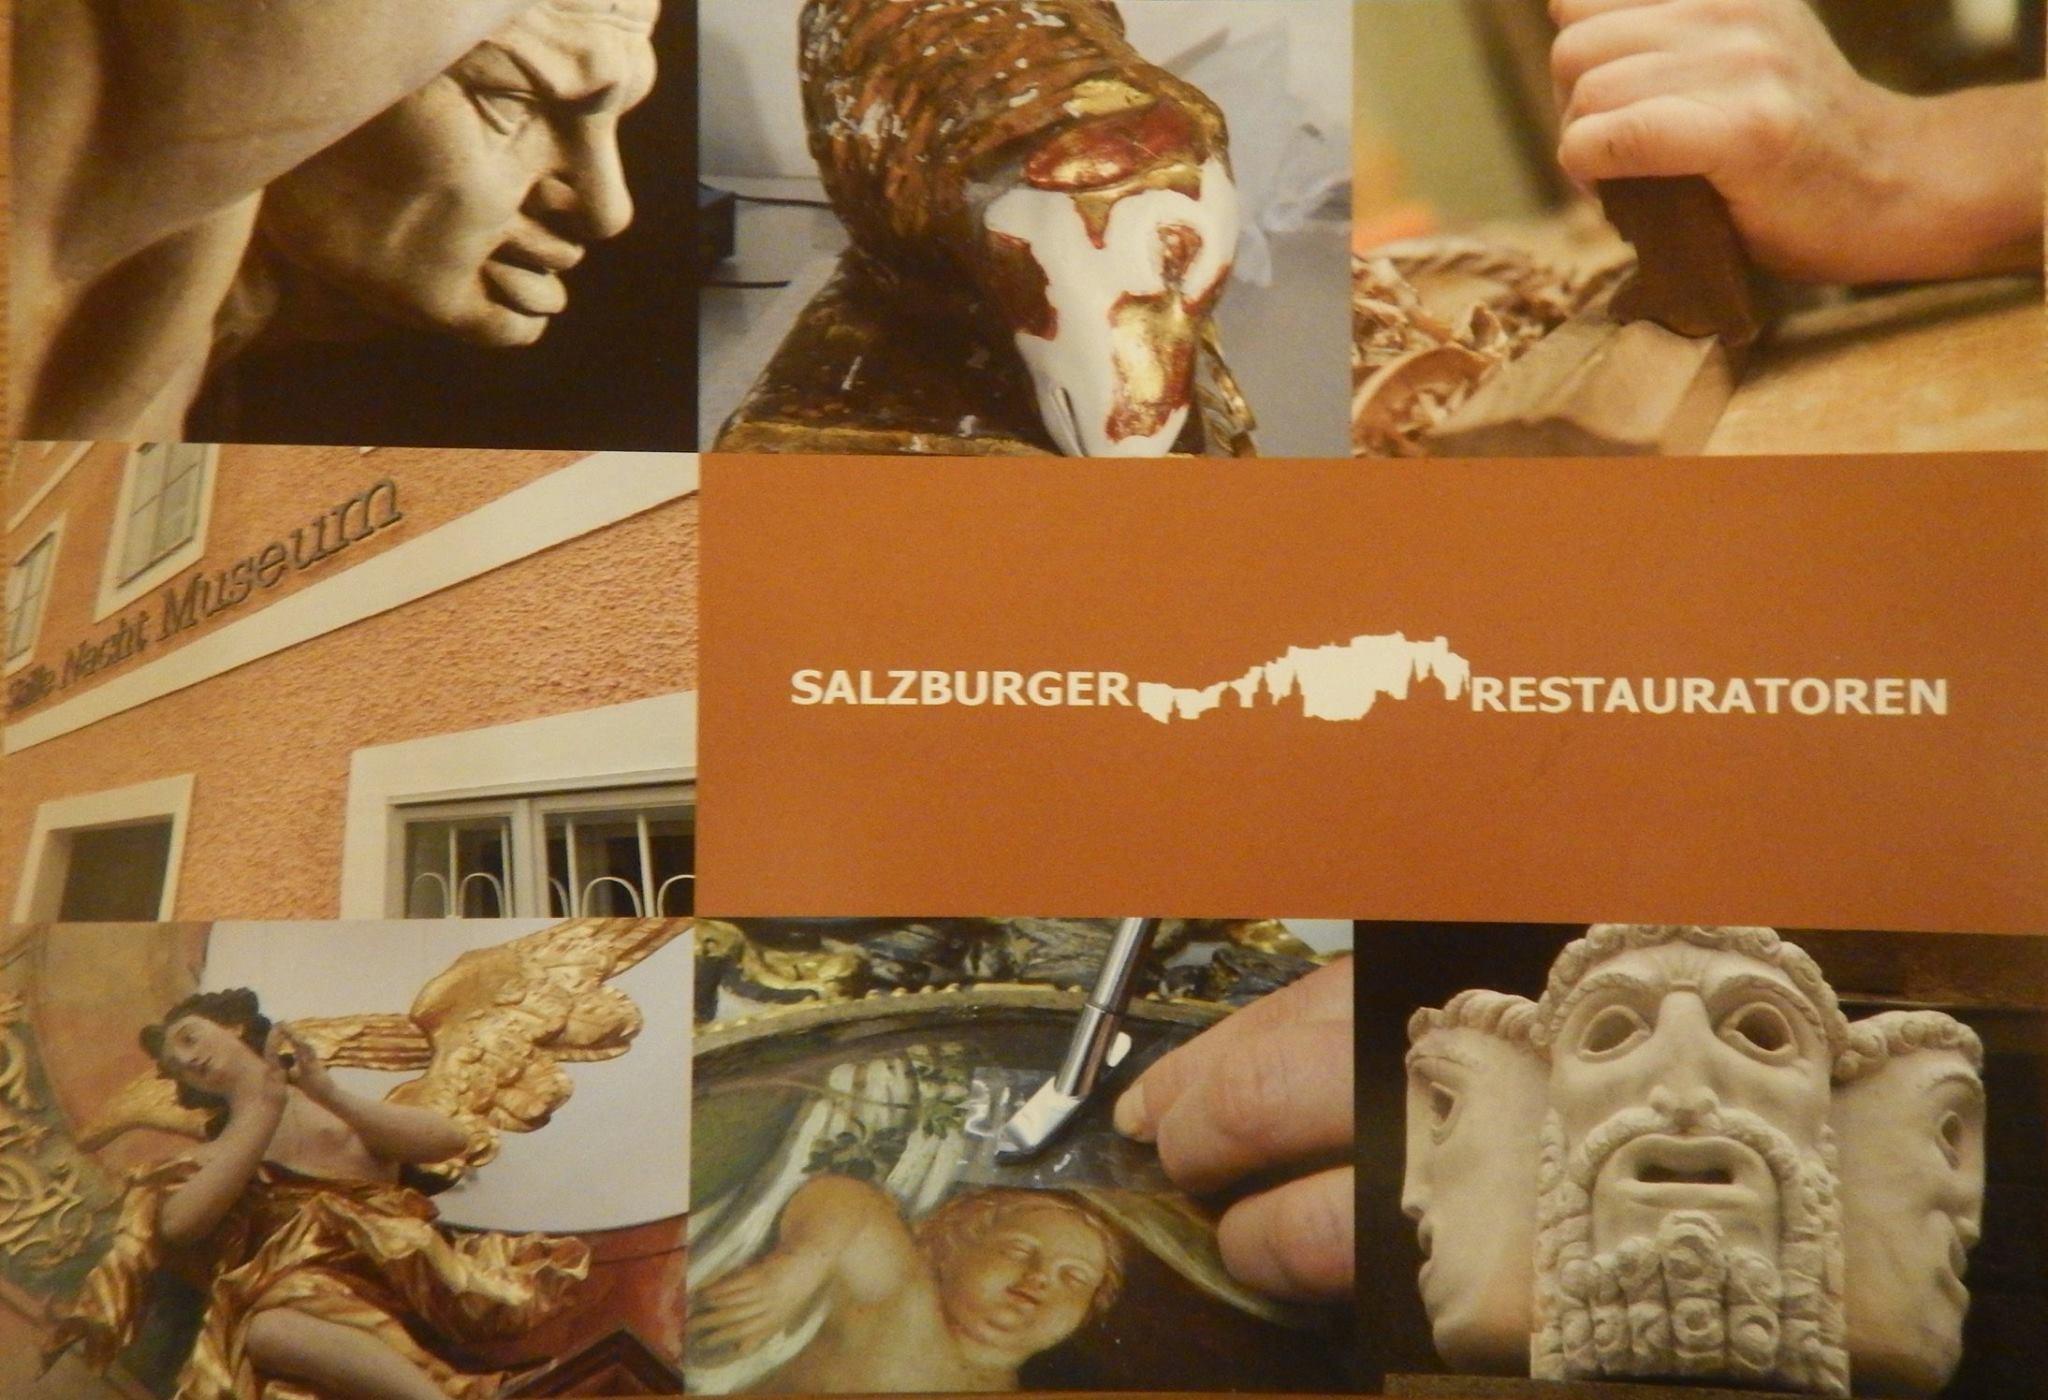 Monumento 2018 Salzburg_erfolgreicher Gemeinschaftsauftritt mit den Salzburger Restauratoren und Malermeister Michael Gühl